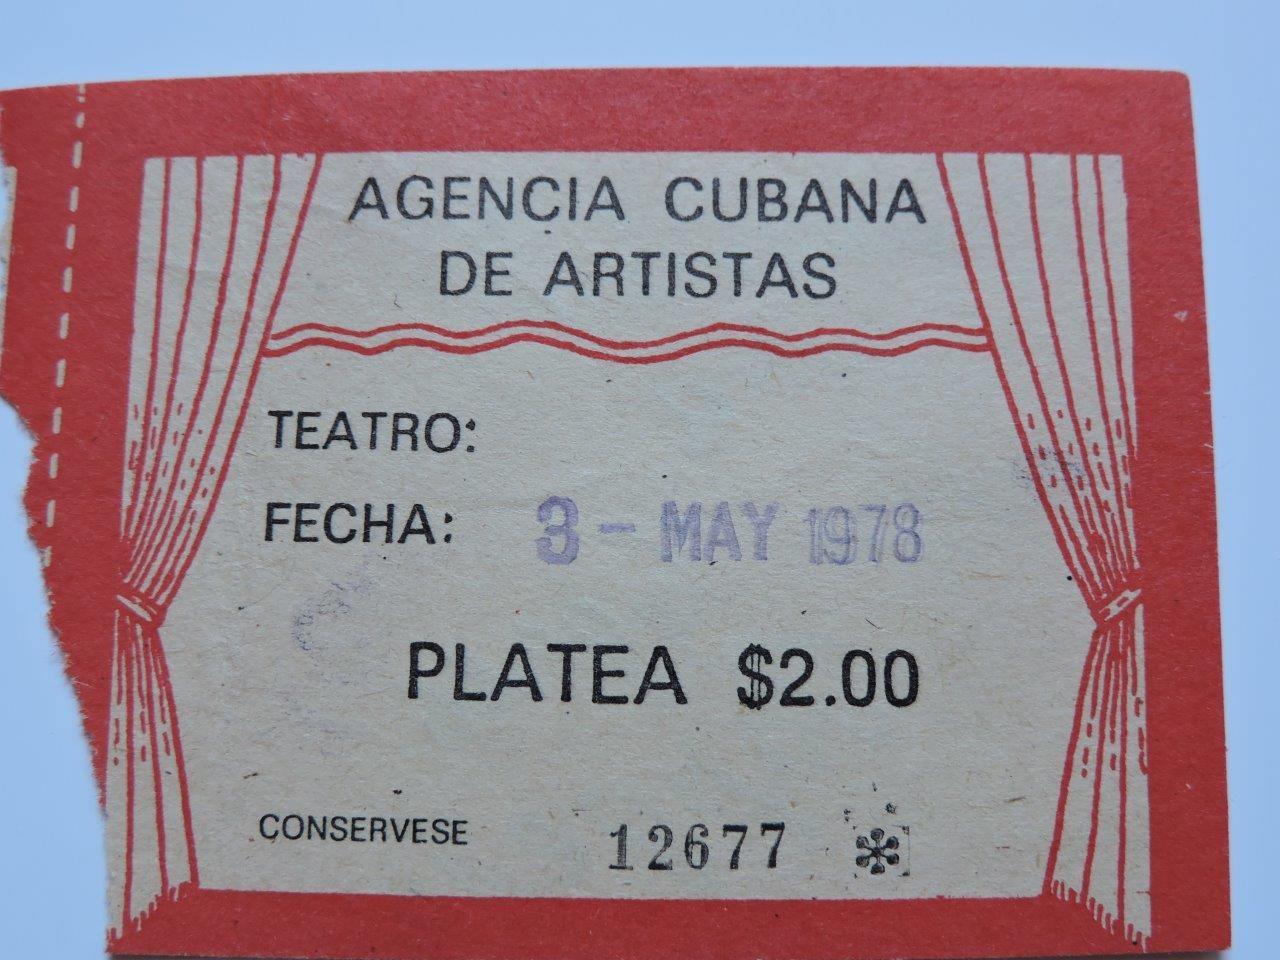 1978-05-03. Билет в театр. Билеты распространяло Кубинское агентство артистов.